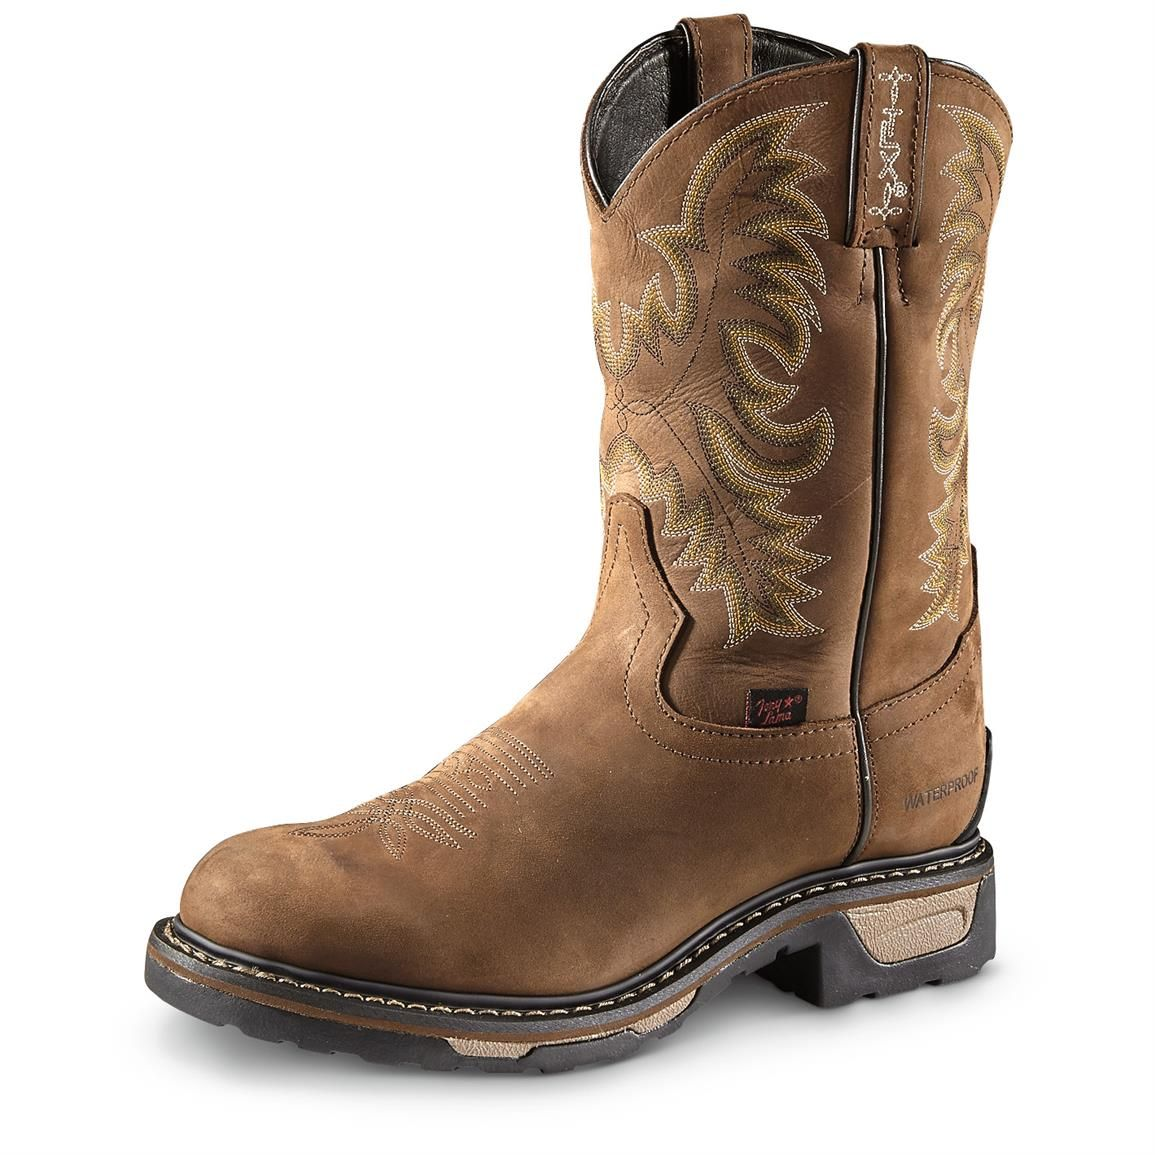 Tony Lama Men S Harlingen Waterproof Western Work Boots In